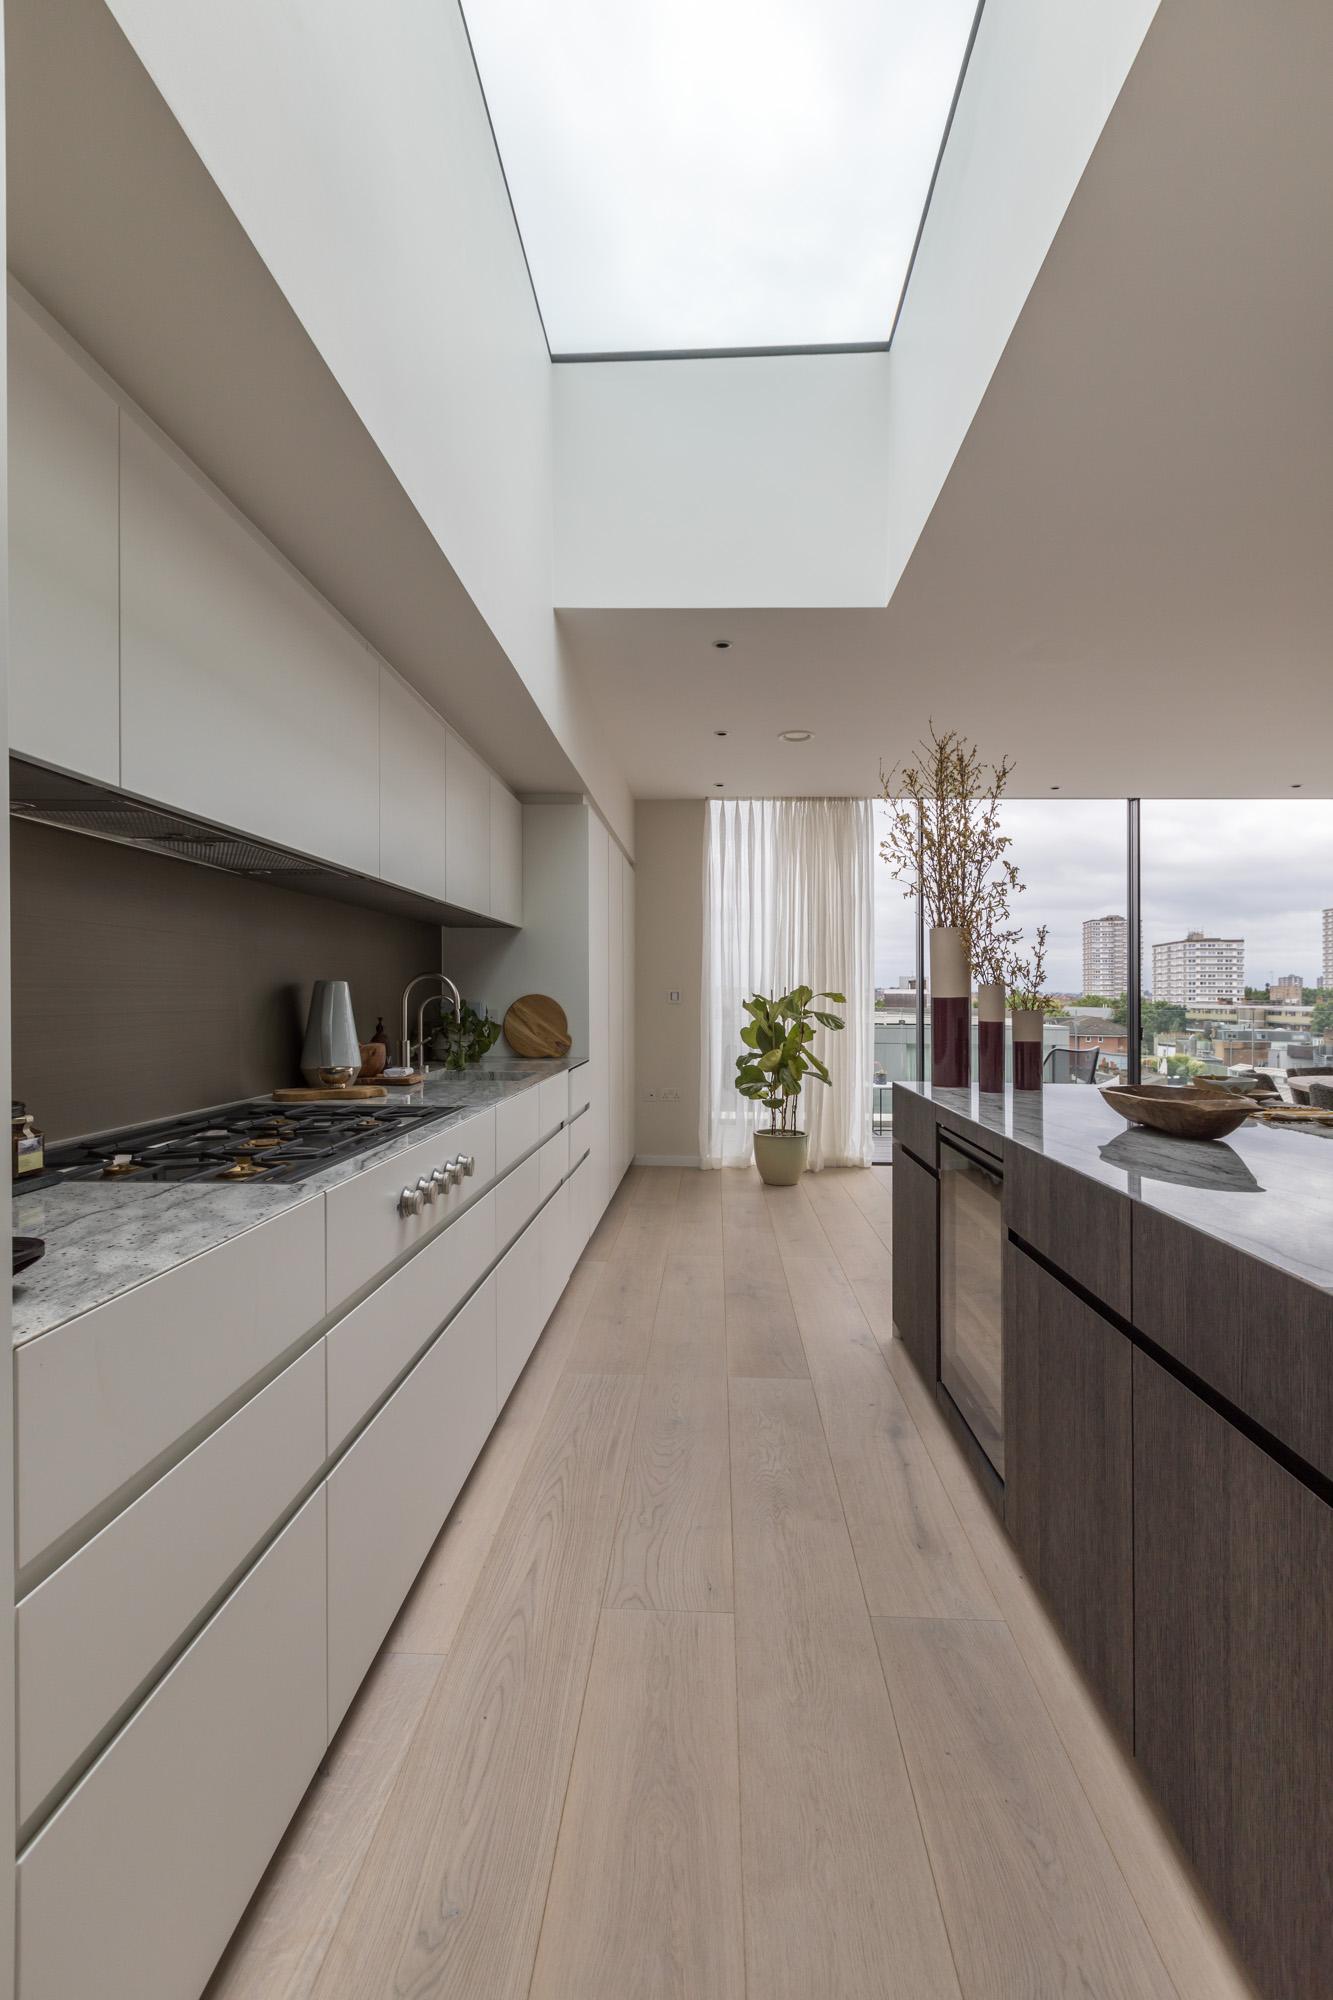 jonathan bond, interior photographer, view of skylight in kitchen, battersea, london